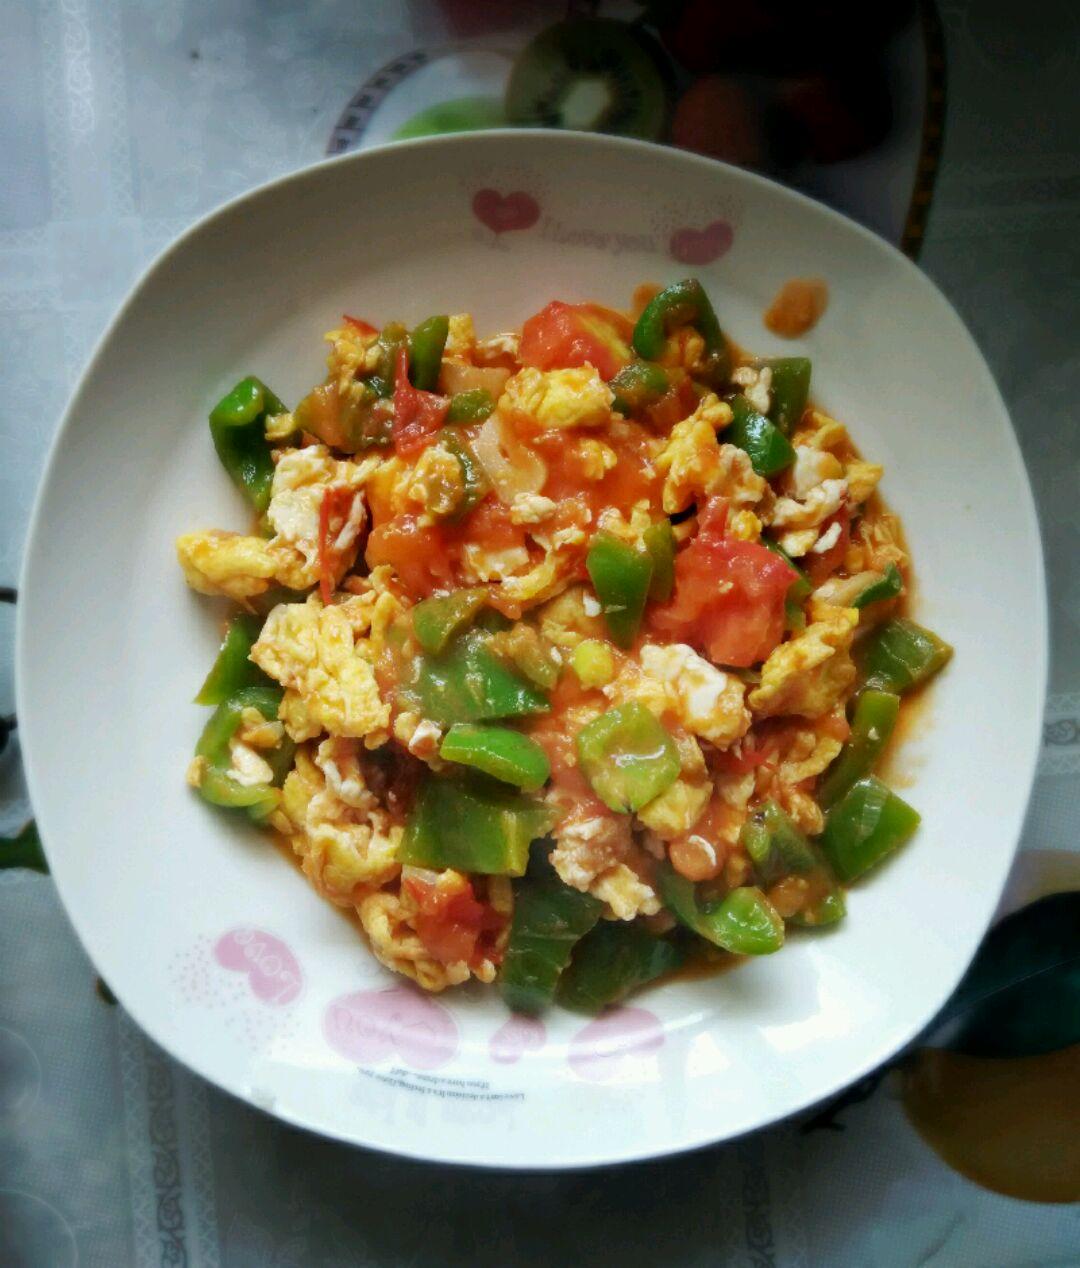 做法西红柿青椒的菜谱哪些请问的学校鸡蛋有图片